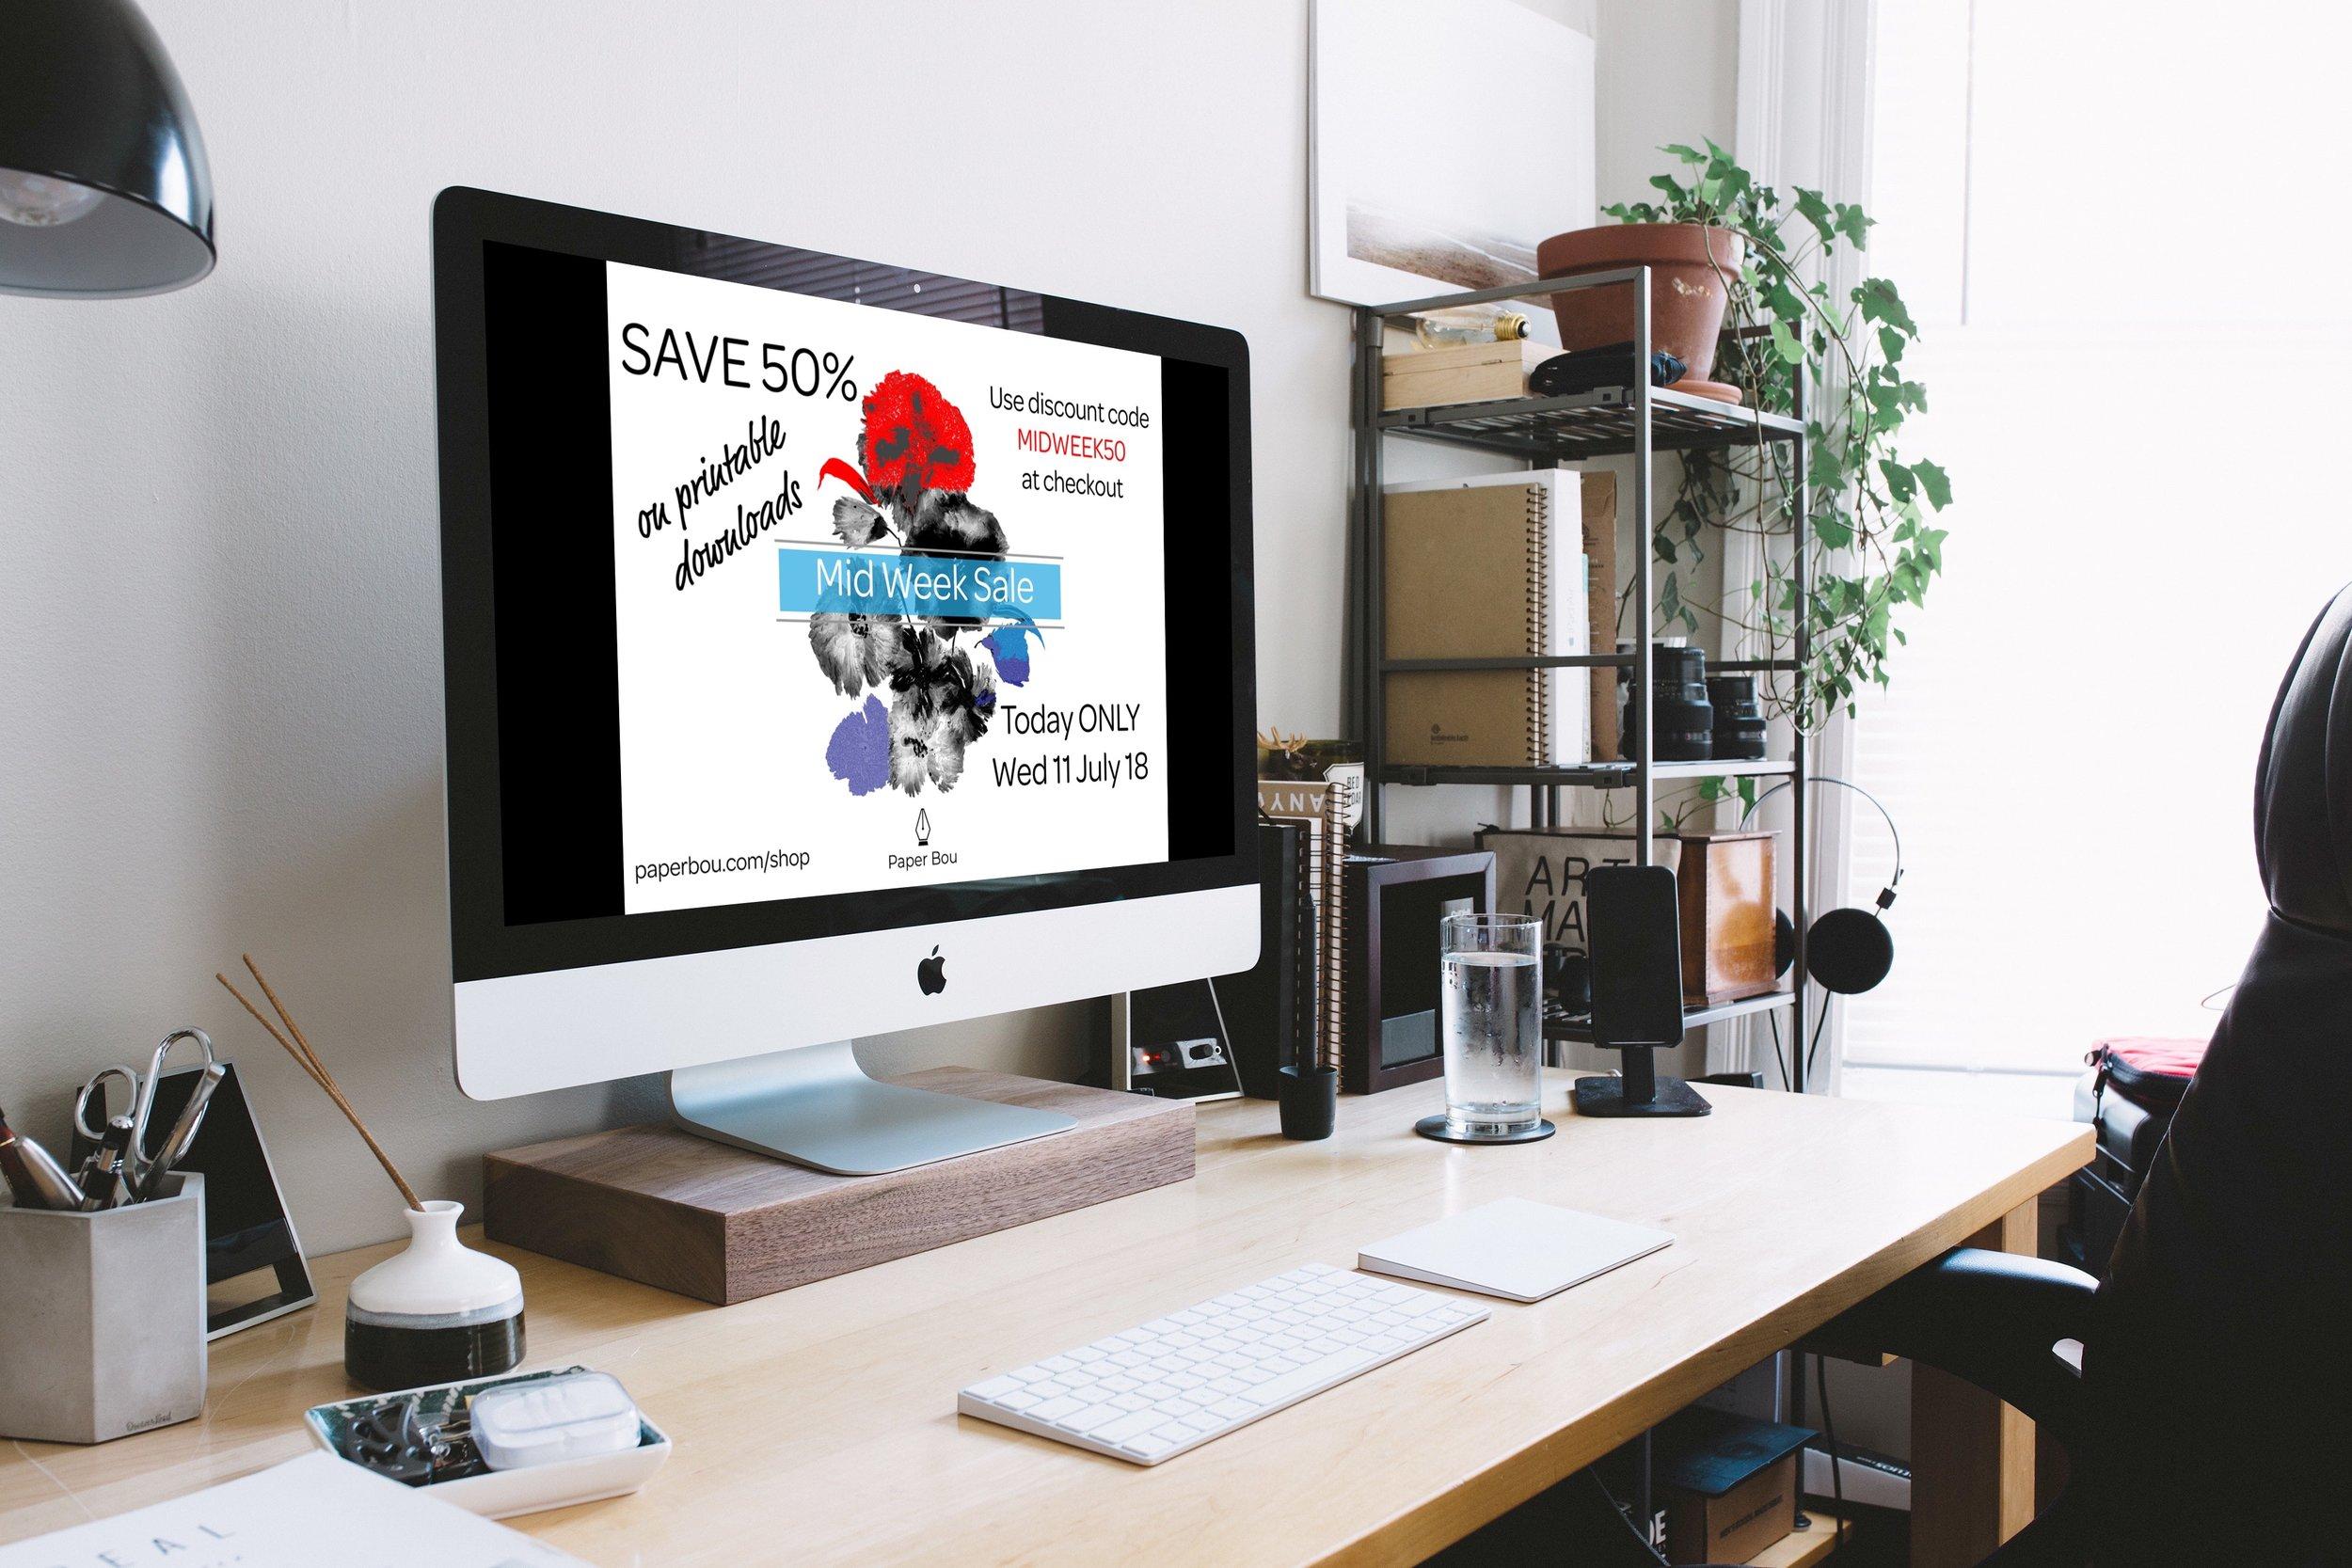 smartmockups_midweeksale.jpg